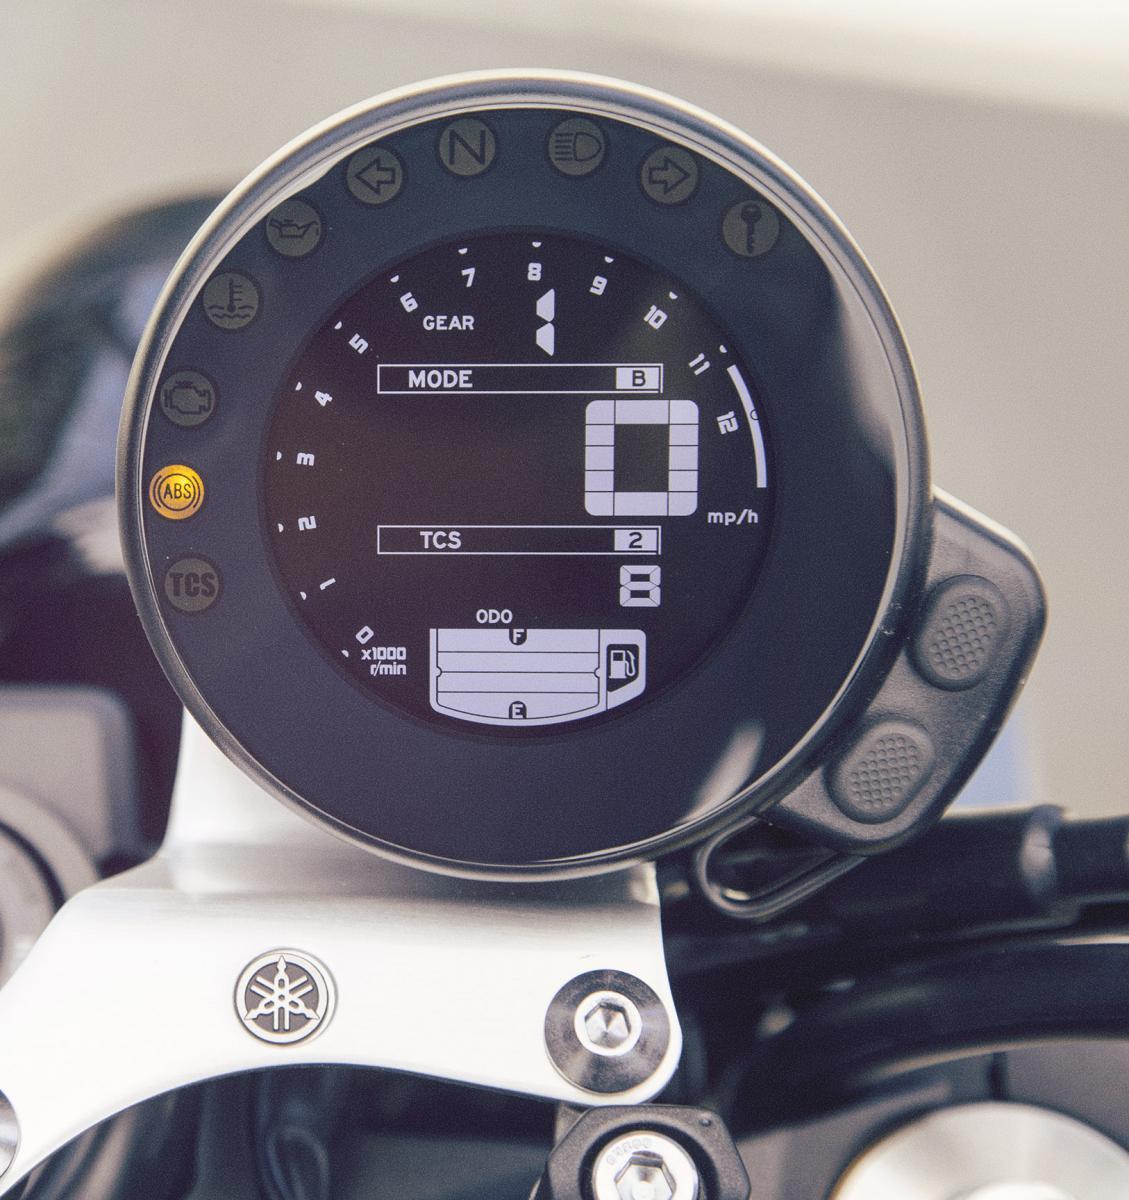 Replacement Gauge? - Yamaha SCR950 Forum